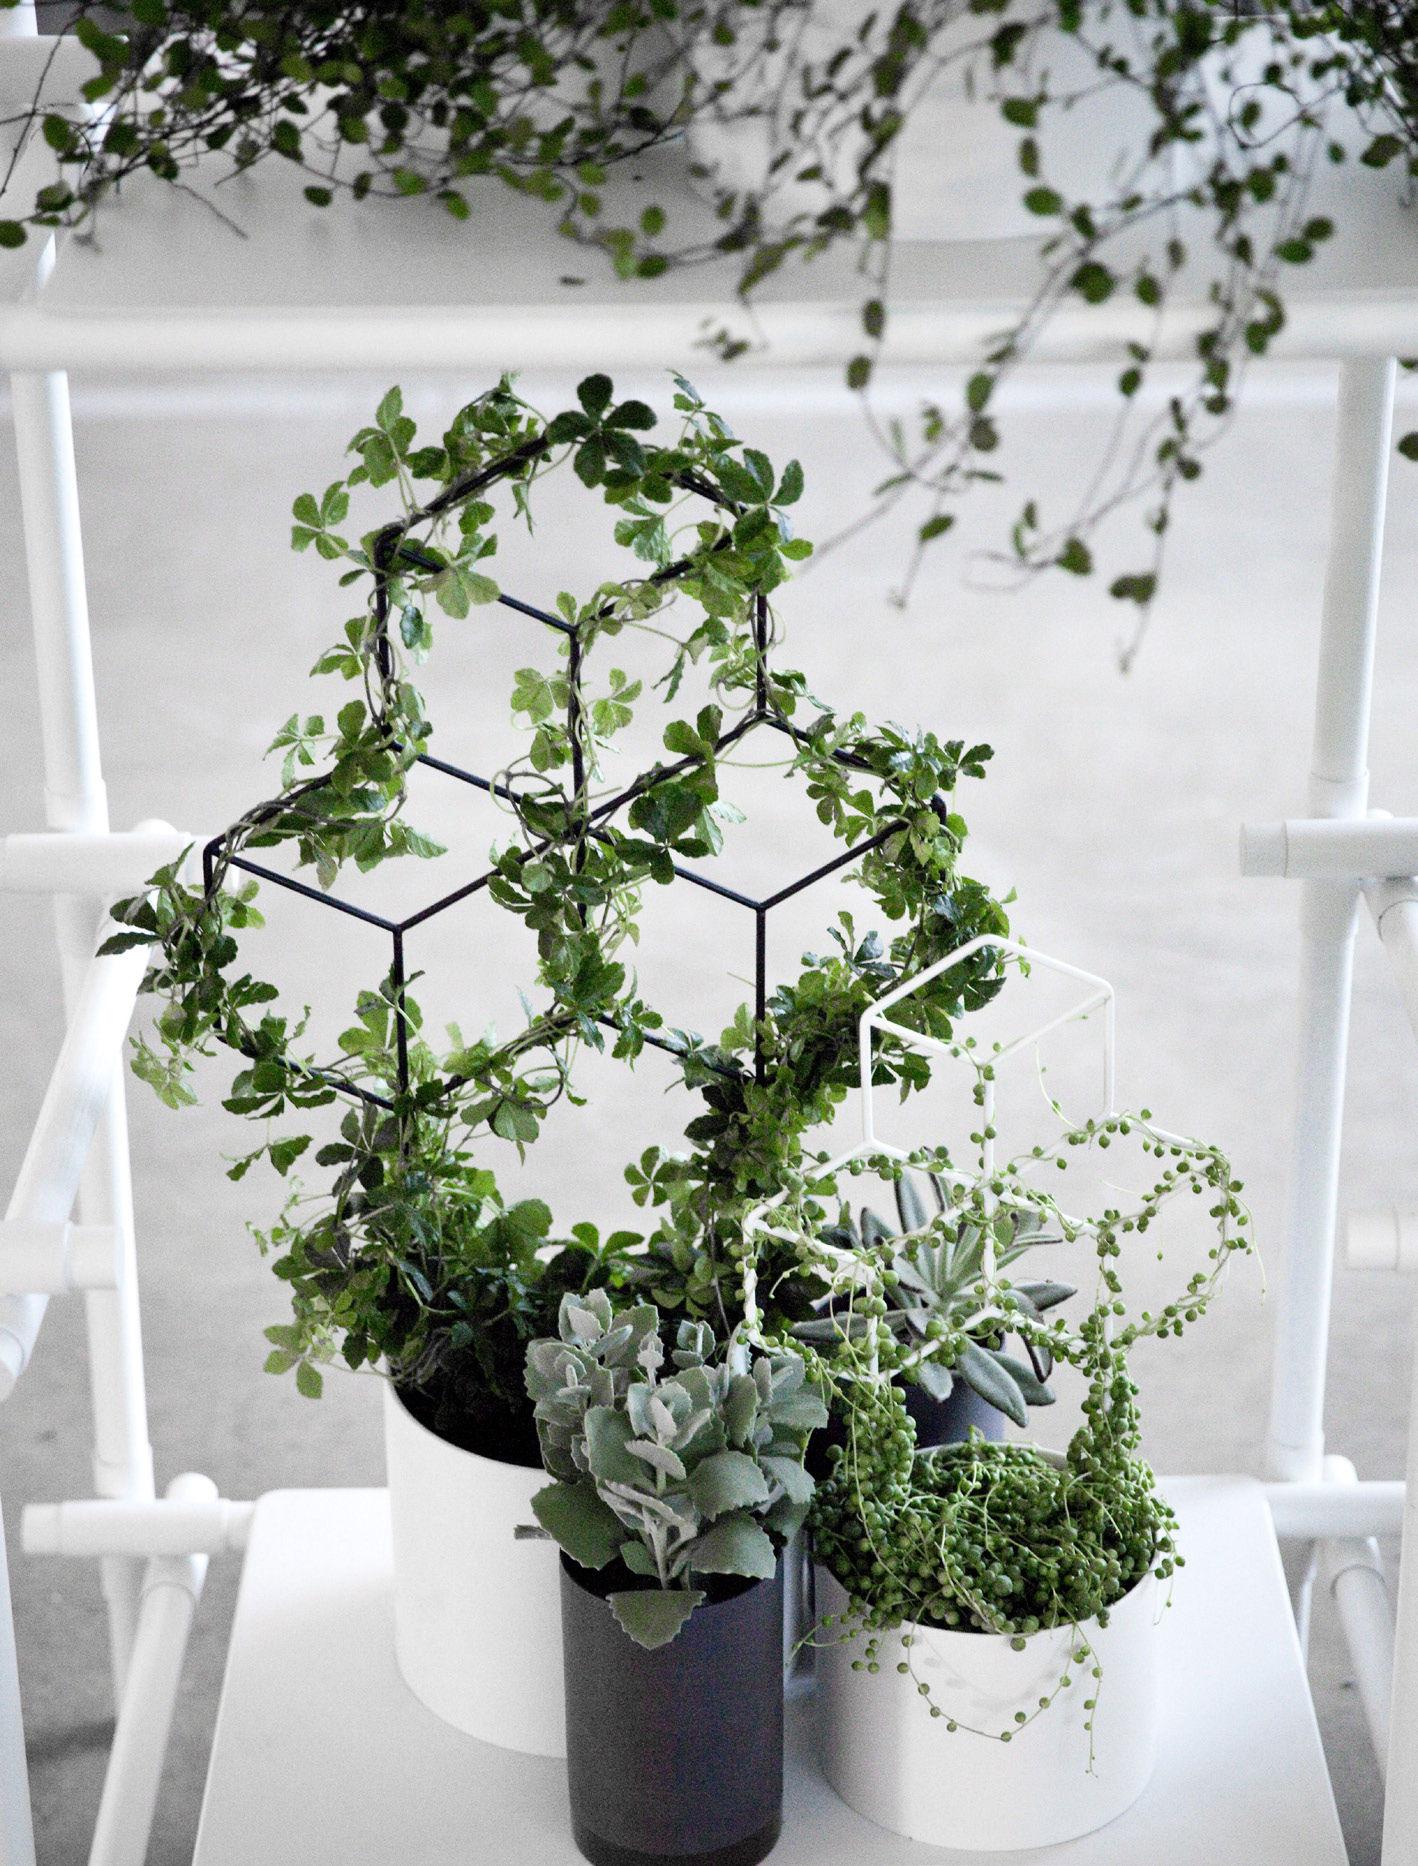 tuteur pov small pour plantes grimpantes h 32 cm noir menu. Black Bedroom Furniture Sets. Home Design Ideas